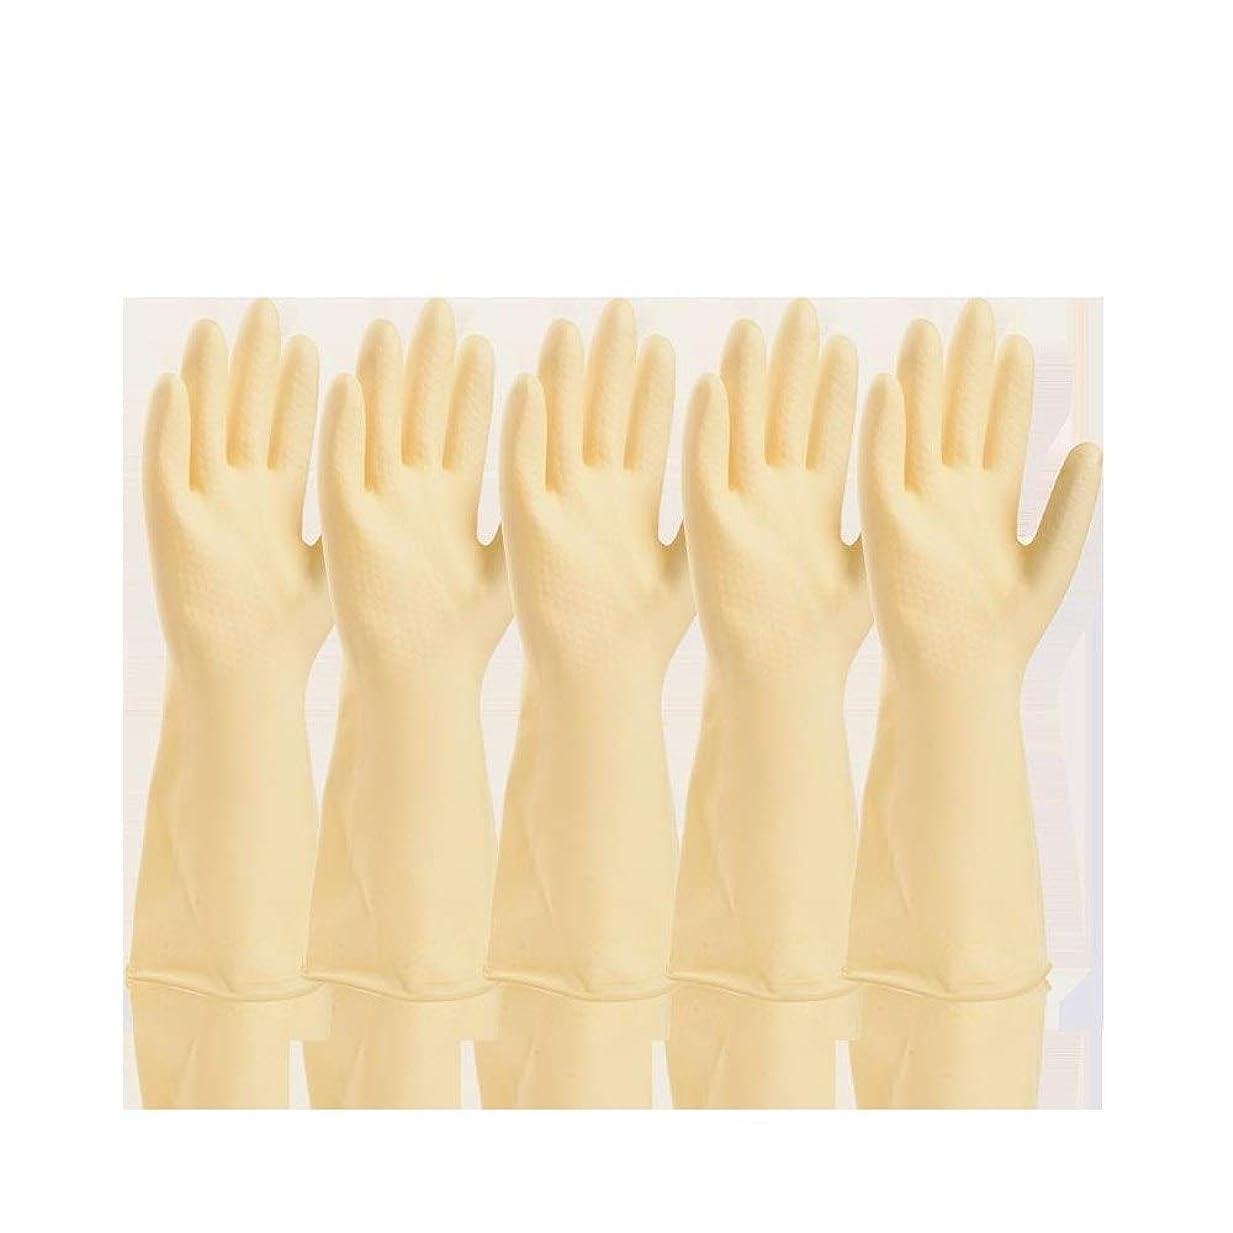 杭キュービック刃BTXXYJP 手袋 キッチン用手袋 耐摩耗 食器洗い 作業 炊事 食器洗い 掃除 園芸 洗車 防水 防油 手袋 (Color : White, Size : S)